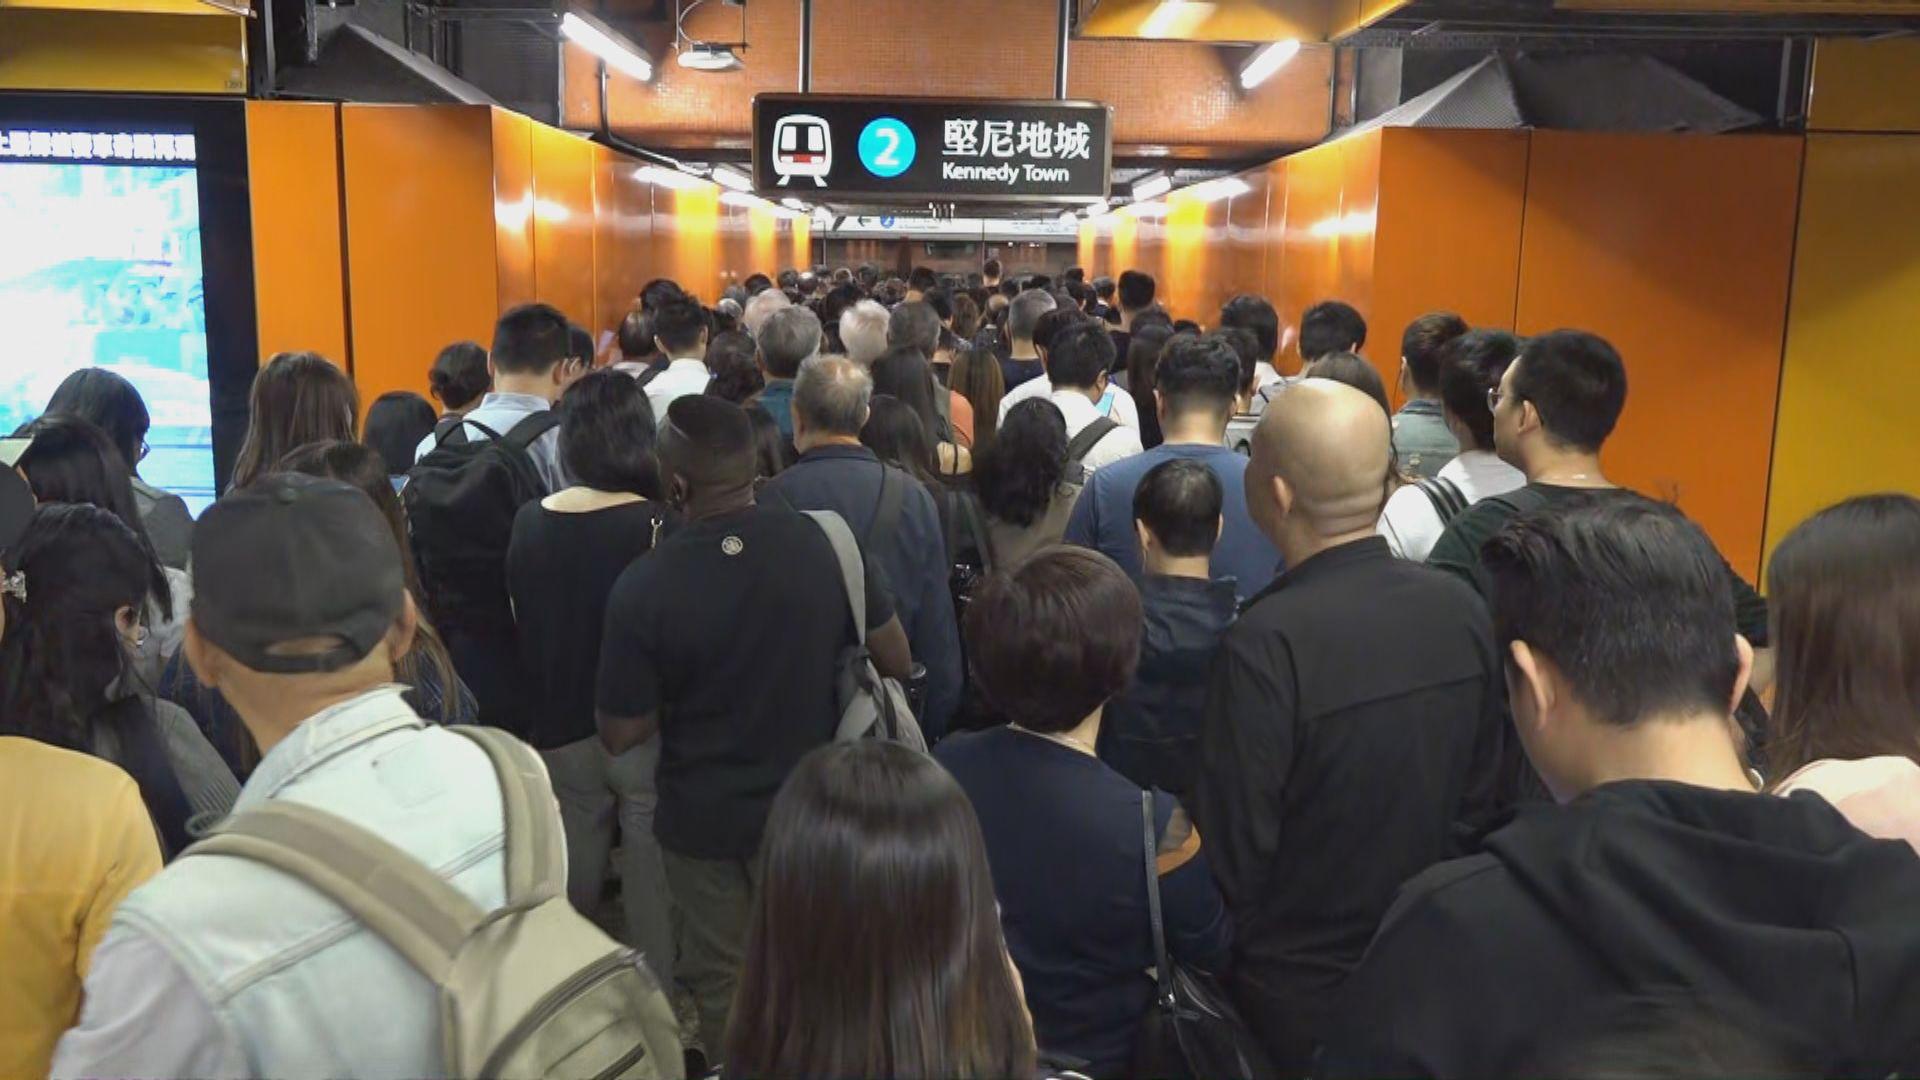 早上港鐵站有人阻礙列車運作 行車受阻